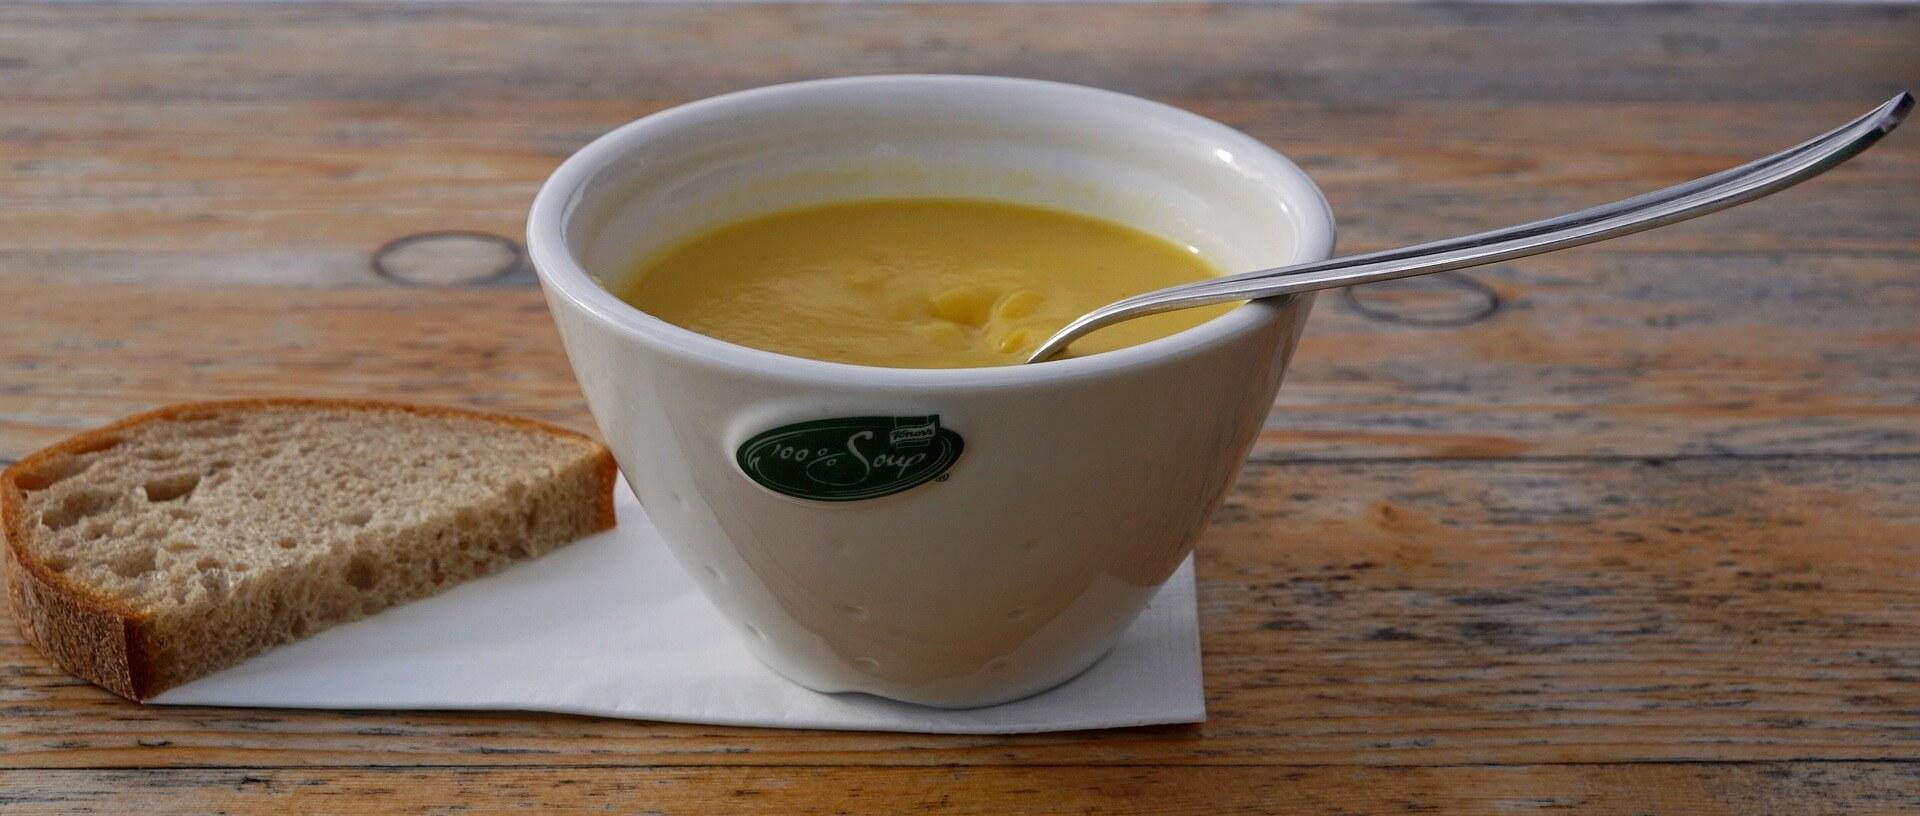 عکس سوپ به عنوان رژیم غذایی افراد مبتلابه دیابت